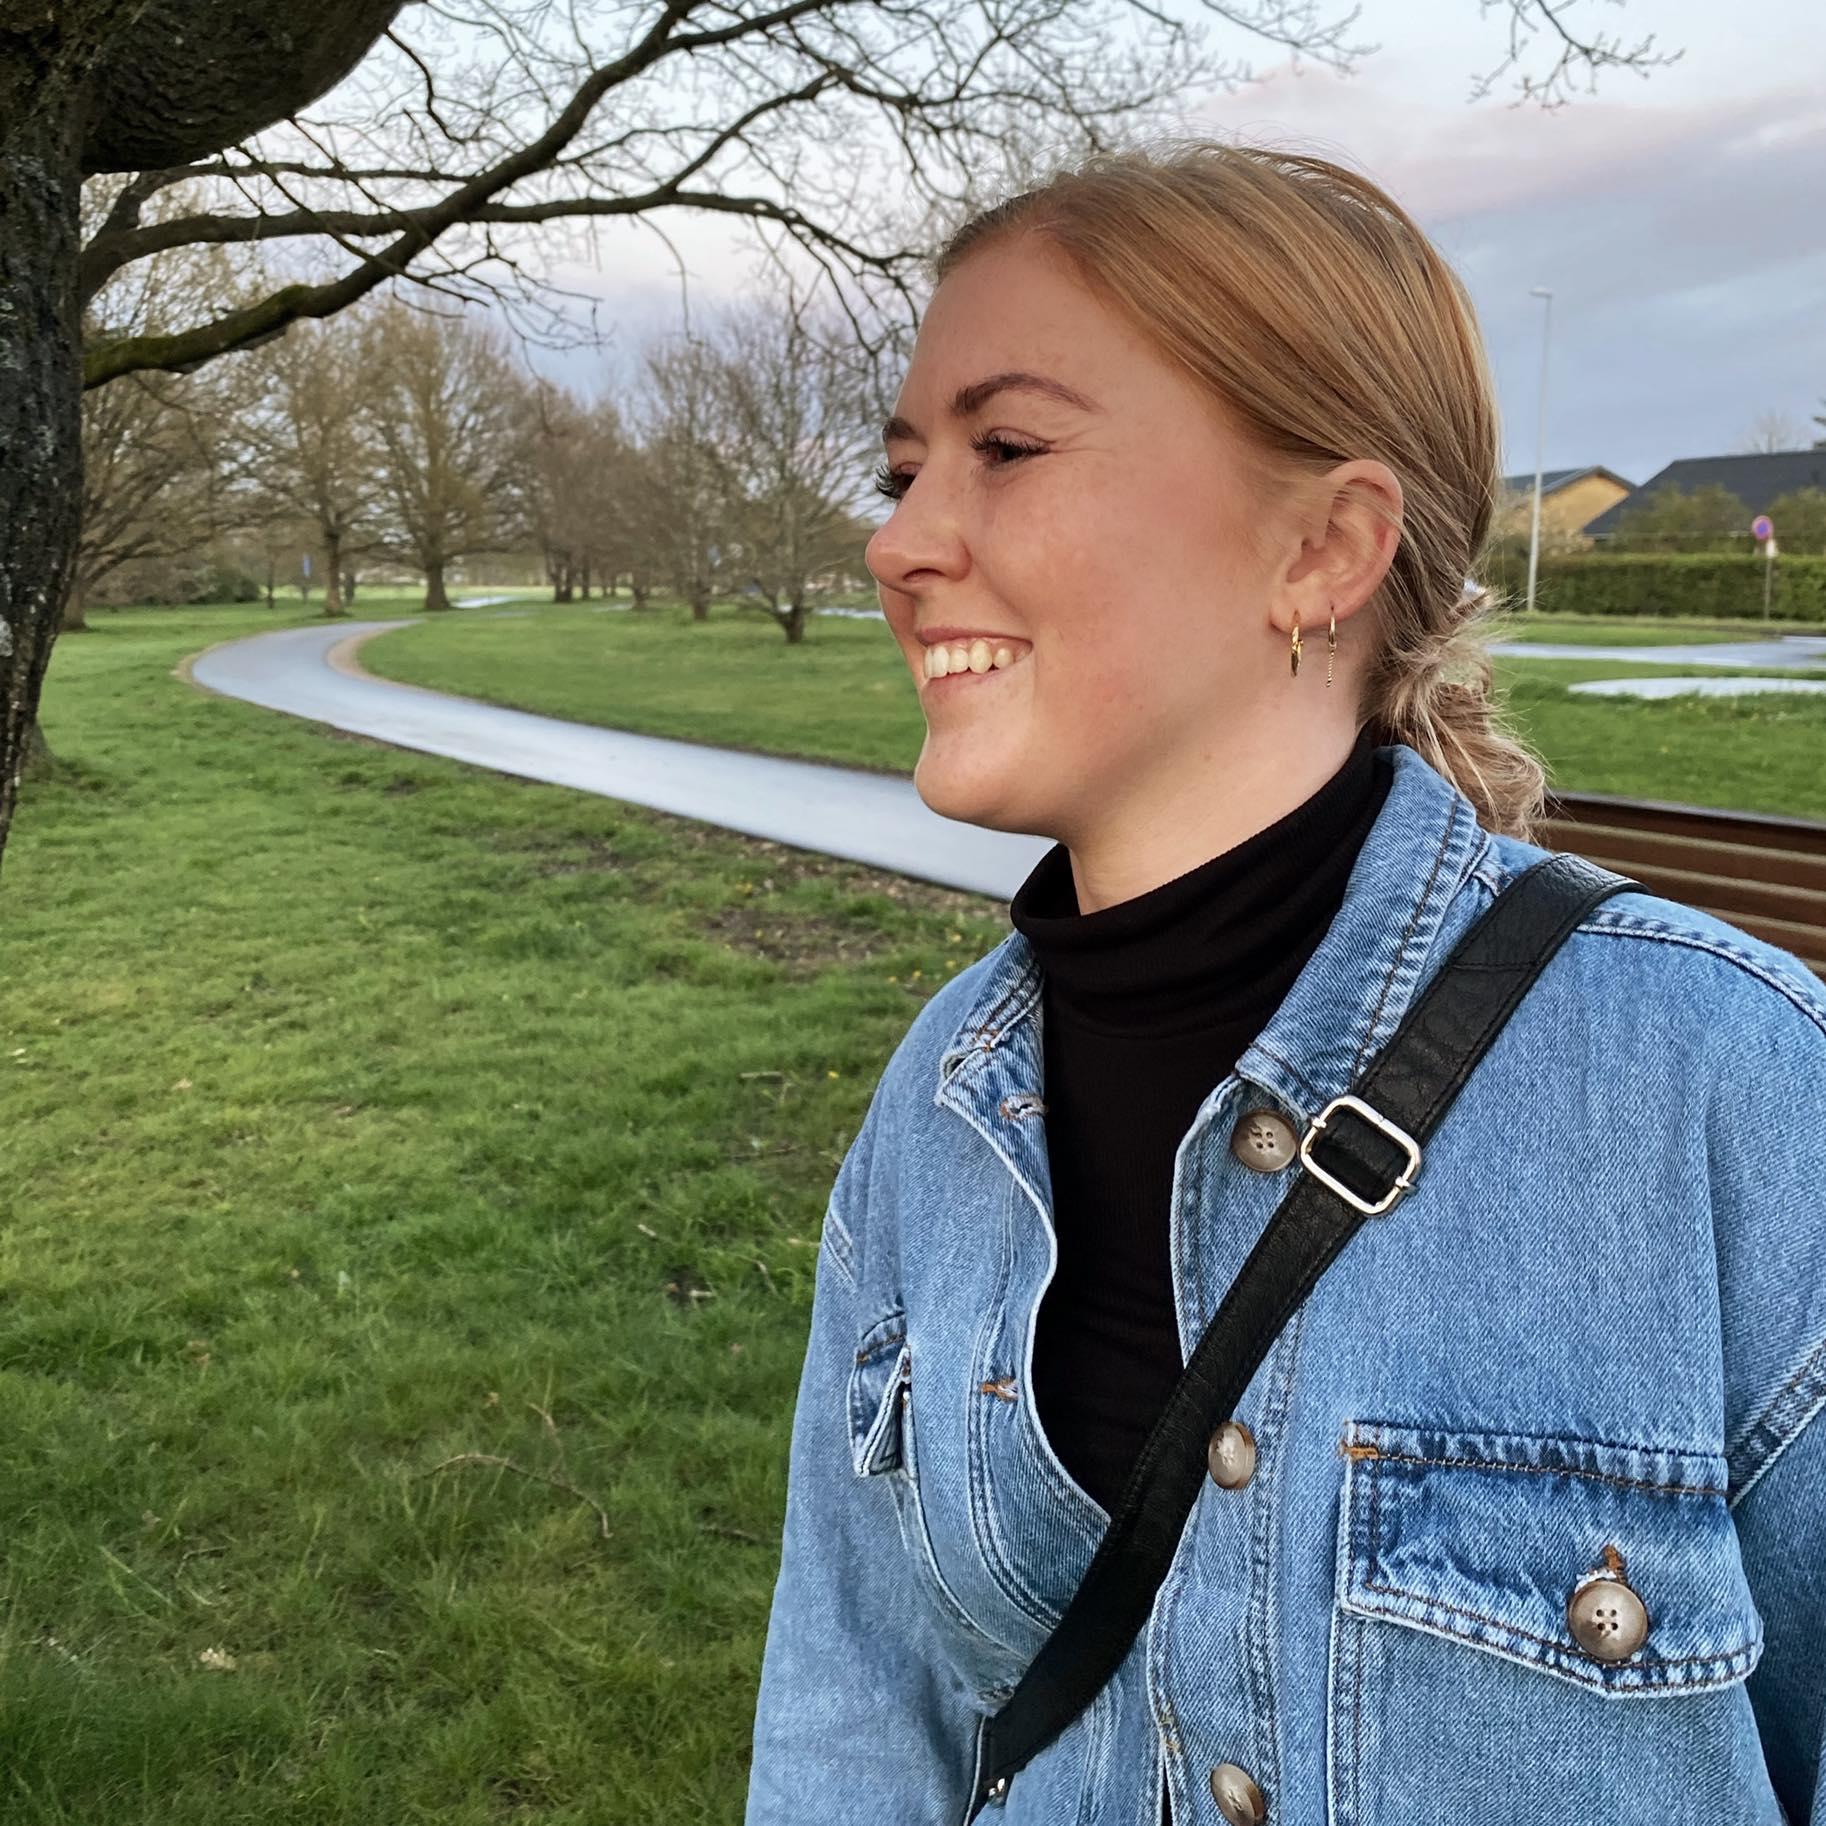 Marlene Heldgaard